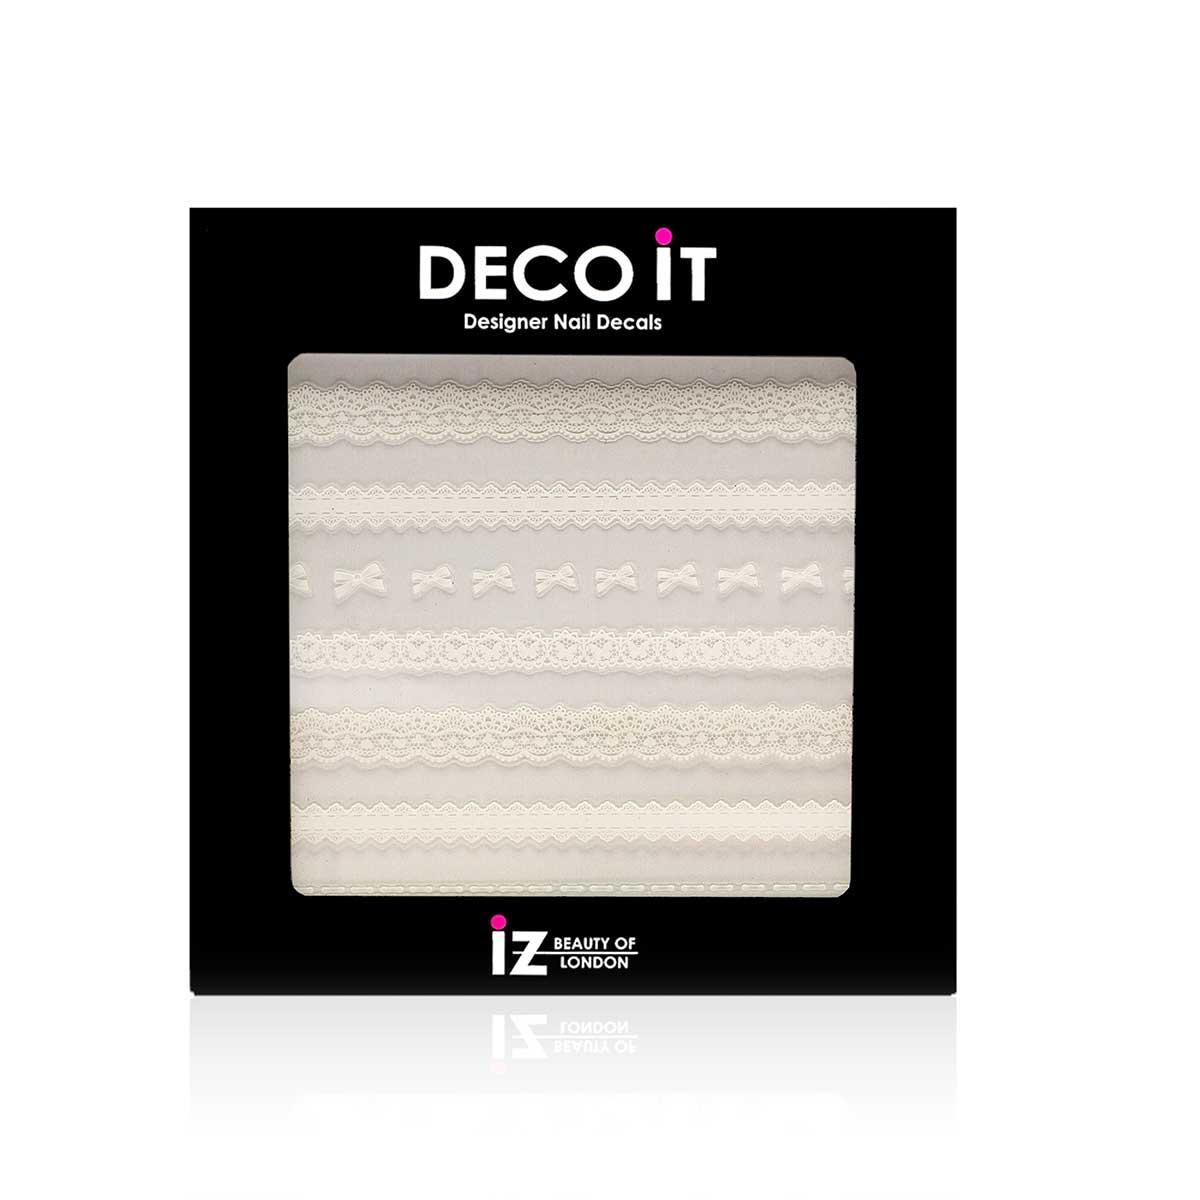 DECVLW-DECO-iT-Vintage-Lace-White